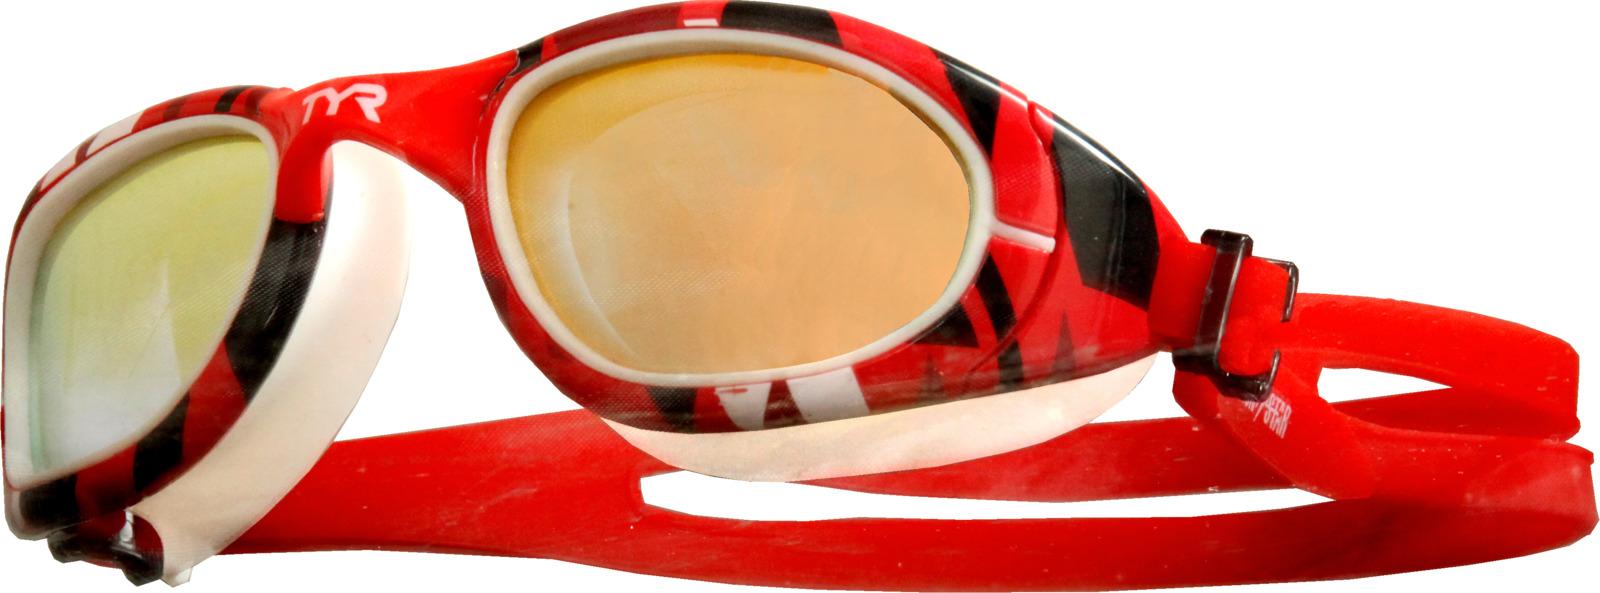 Очки для плавания TYR Ironstar Special Ops 2.0, цвет: белый, красный